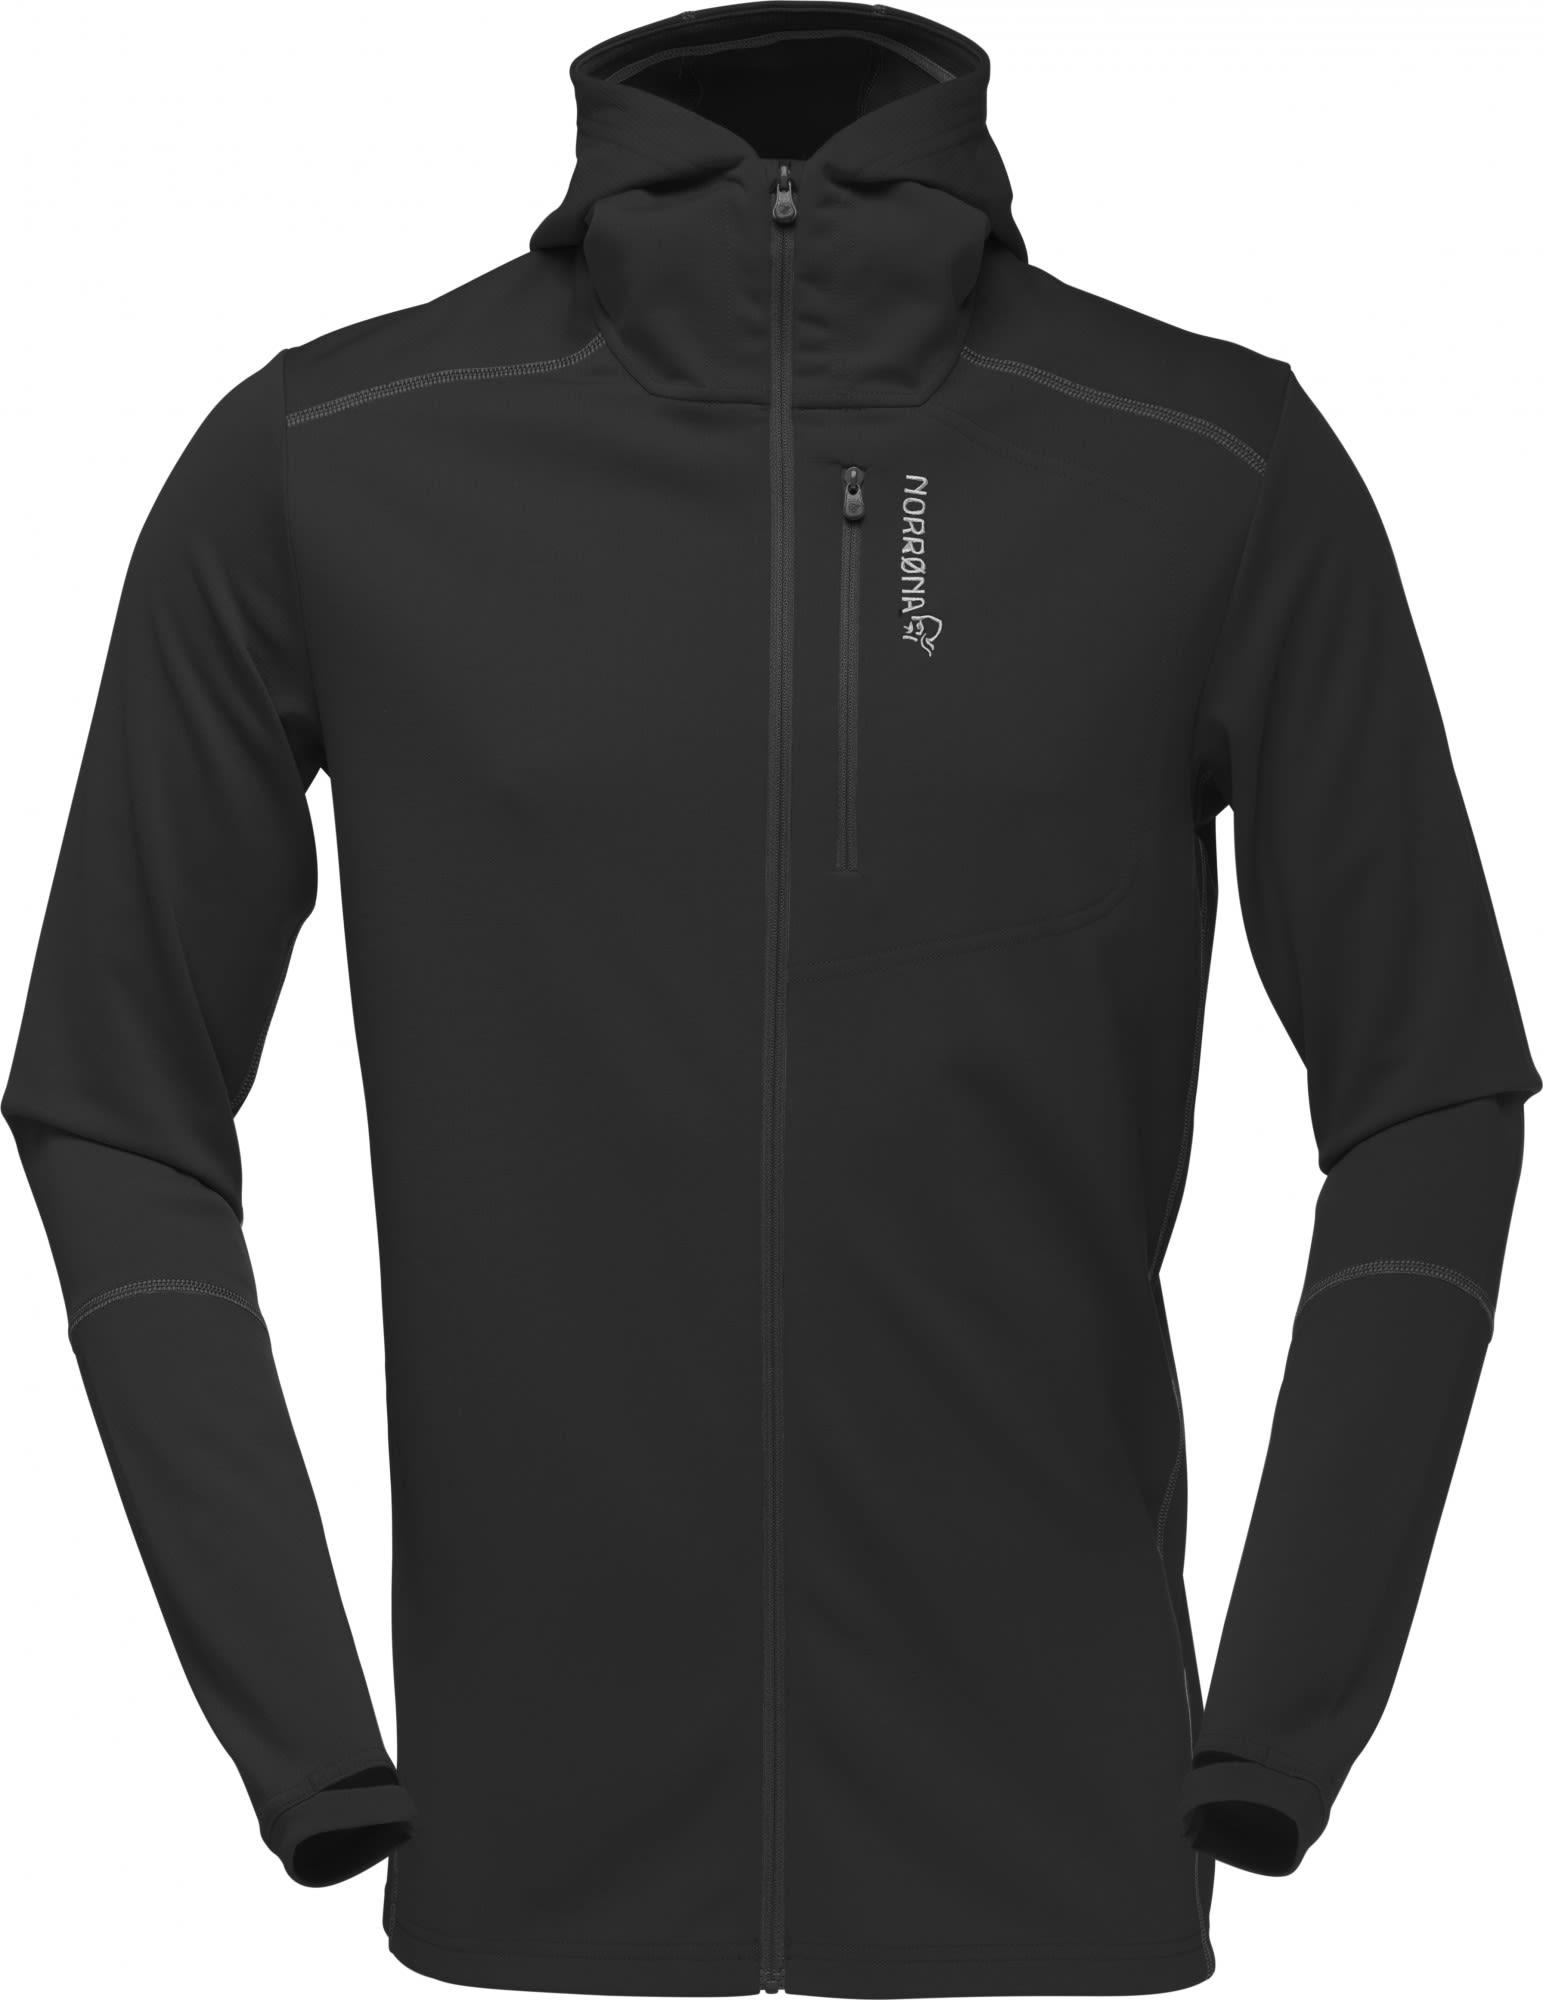 Norrona Trollveggen Warm/Wool1 Zip Hoodie Schwarz, Male Merino Freizeitjacke, XL